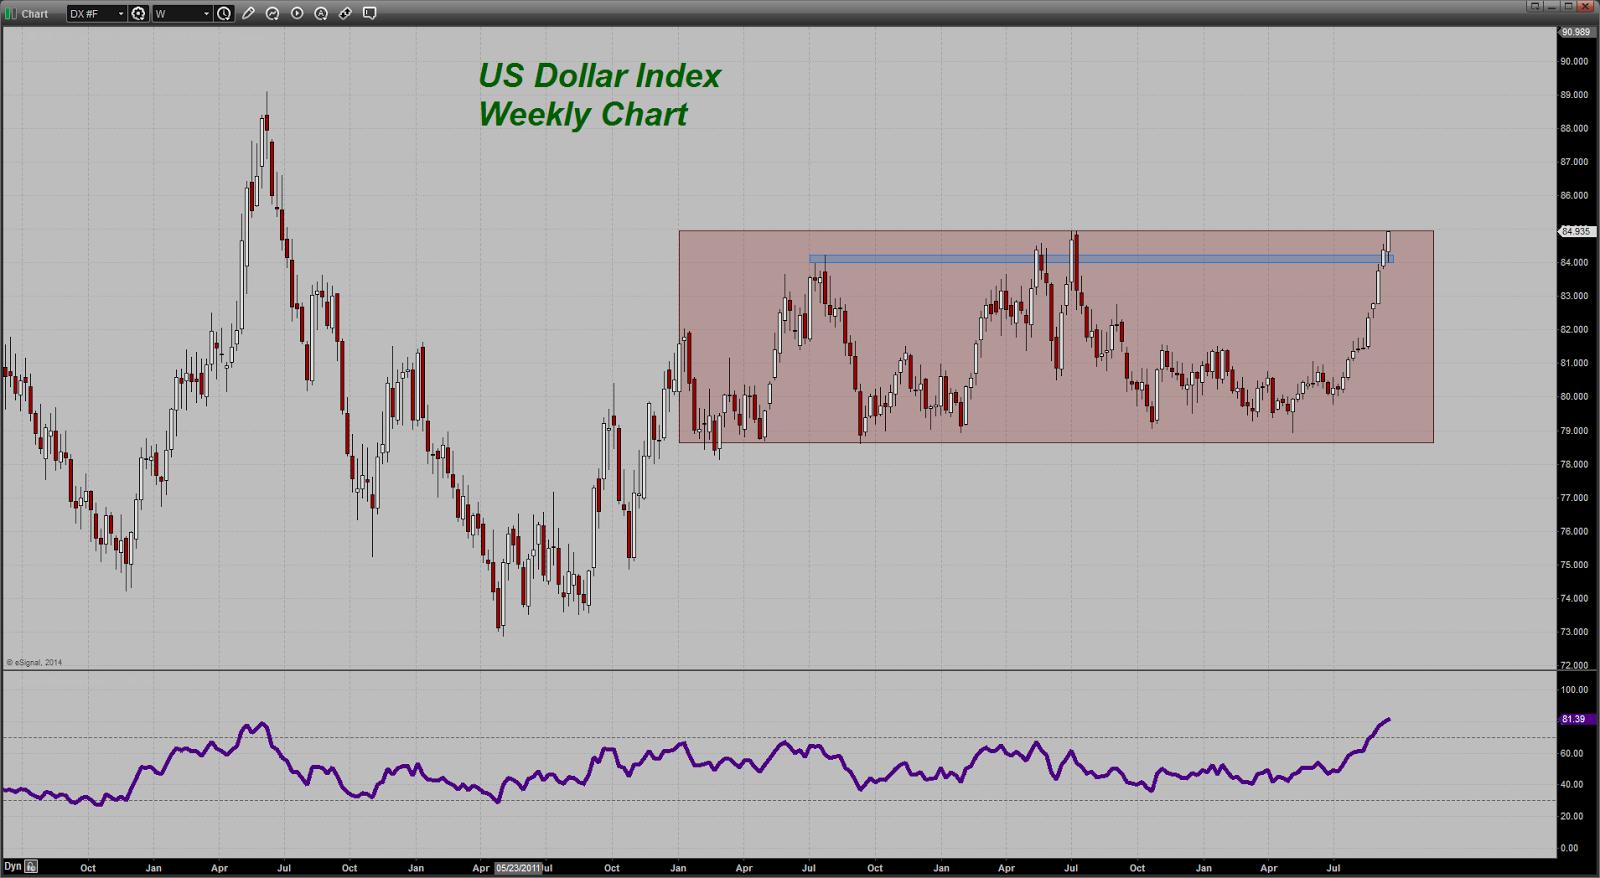 prix de l'or, de l'argent et des minières / suivi quotidien en clôture - Page 14 Chart20140919171529